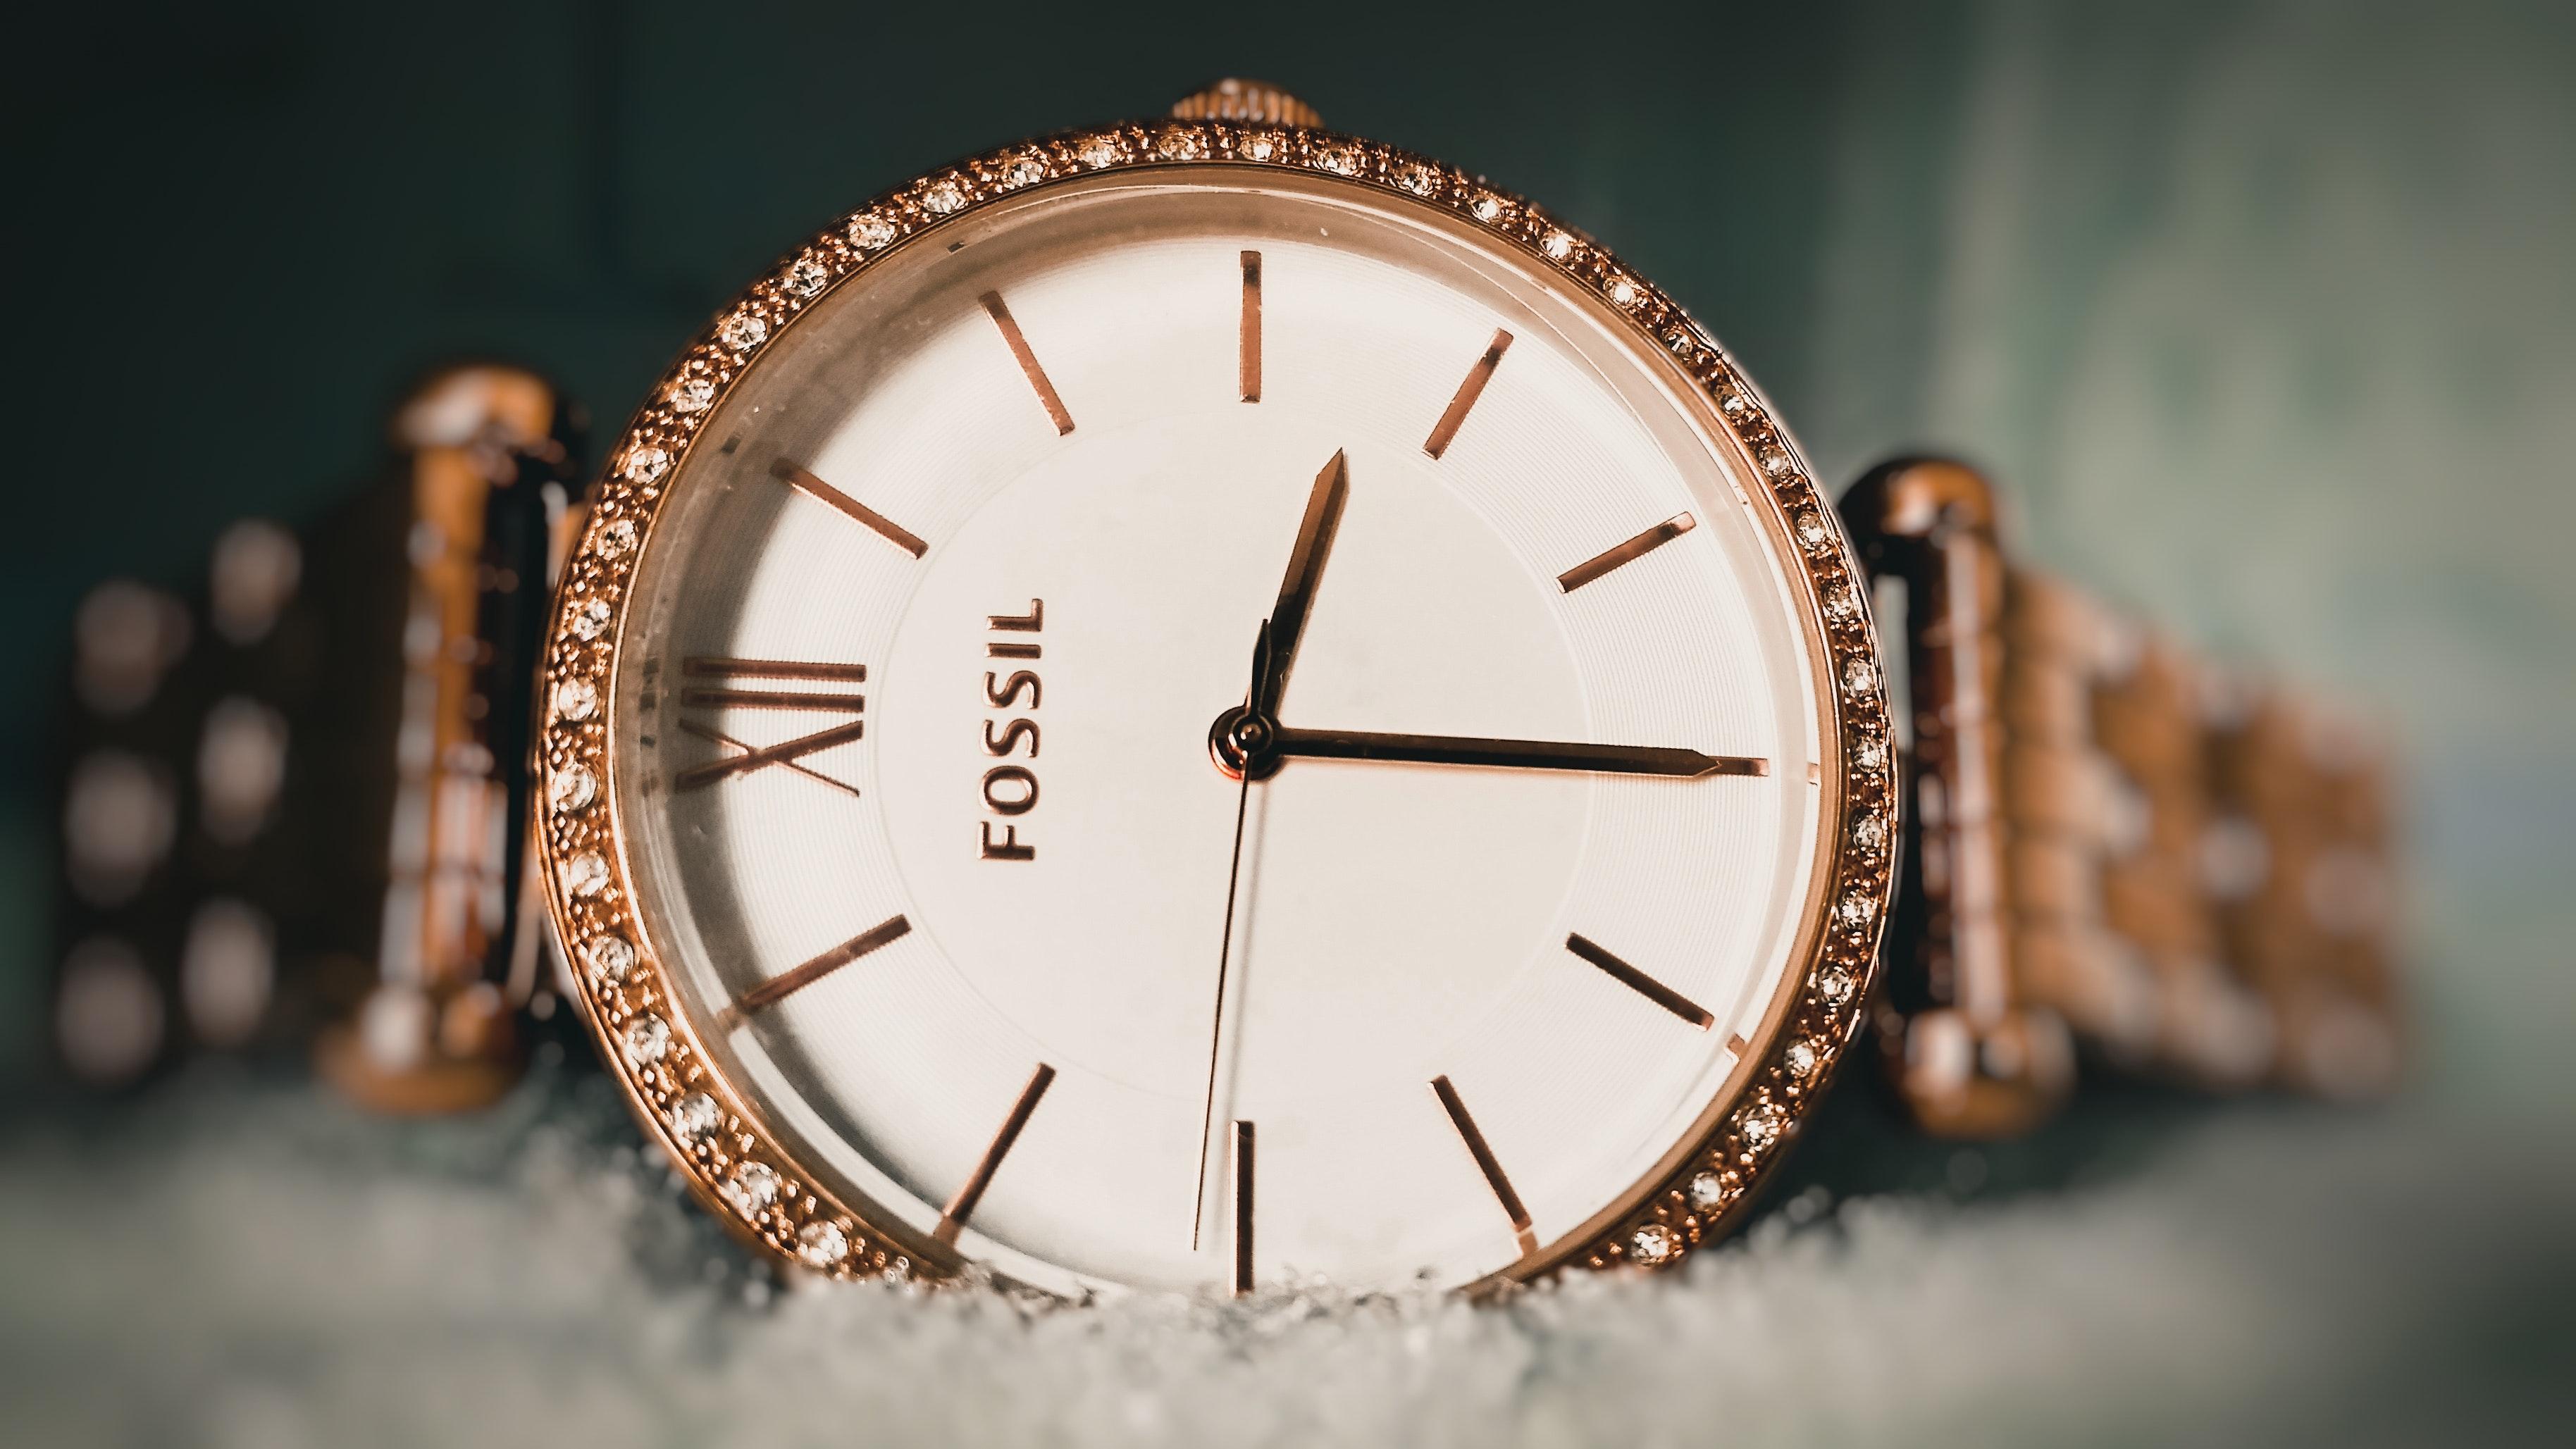 Zegarki tanie — nie przepłacaj za markowe zegarki